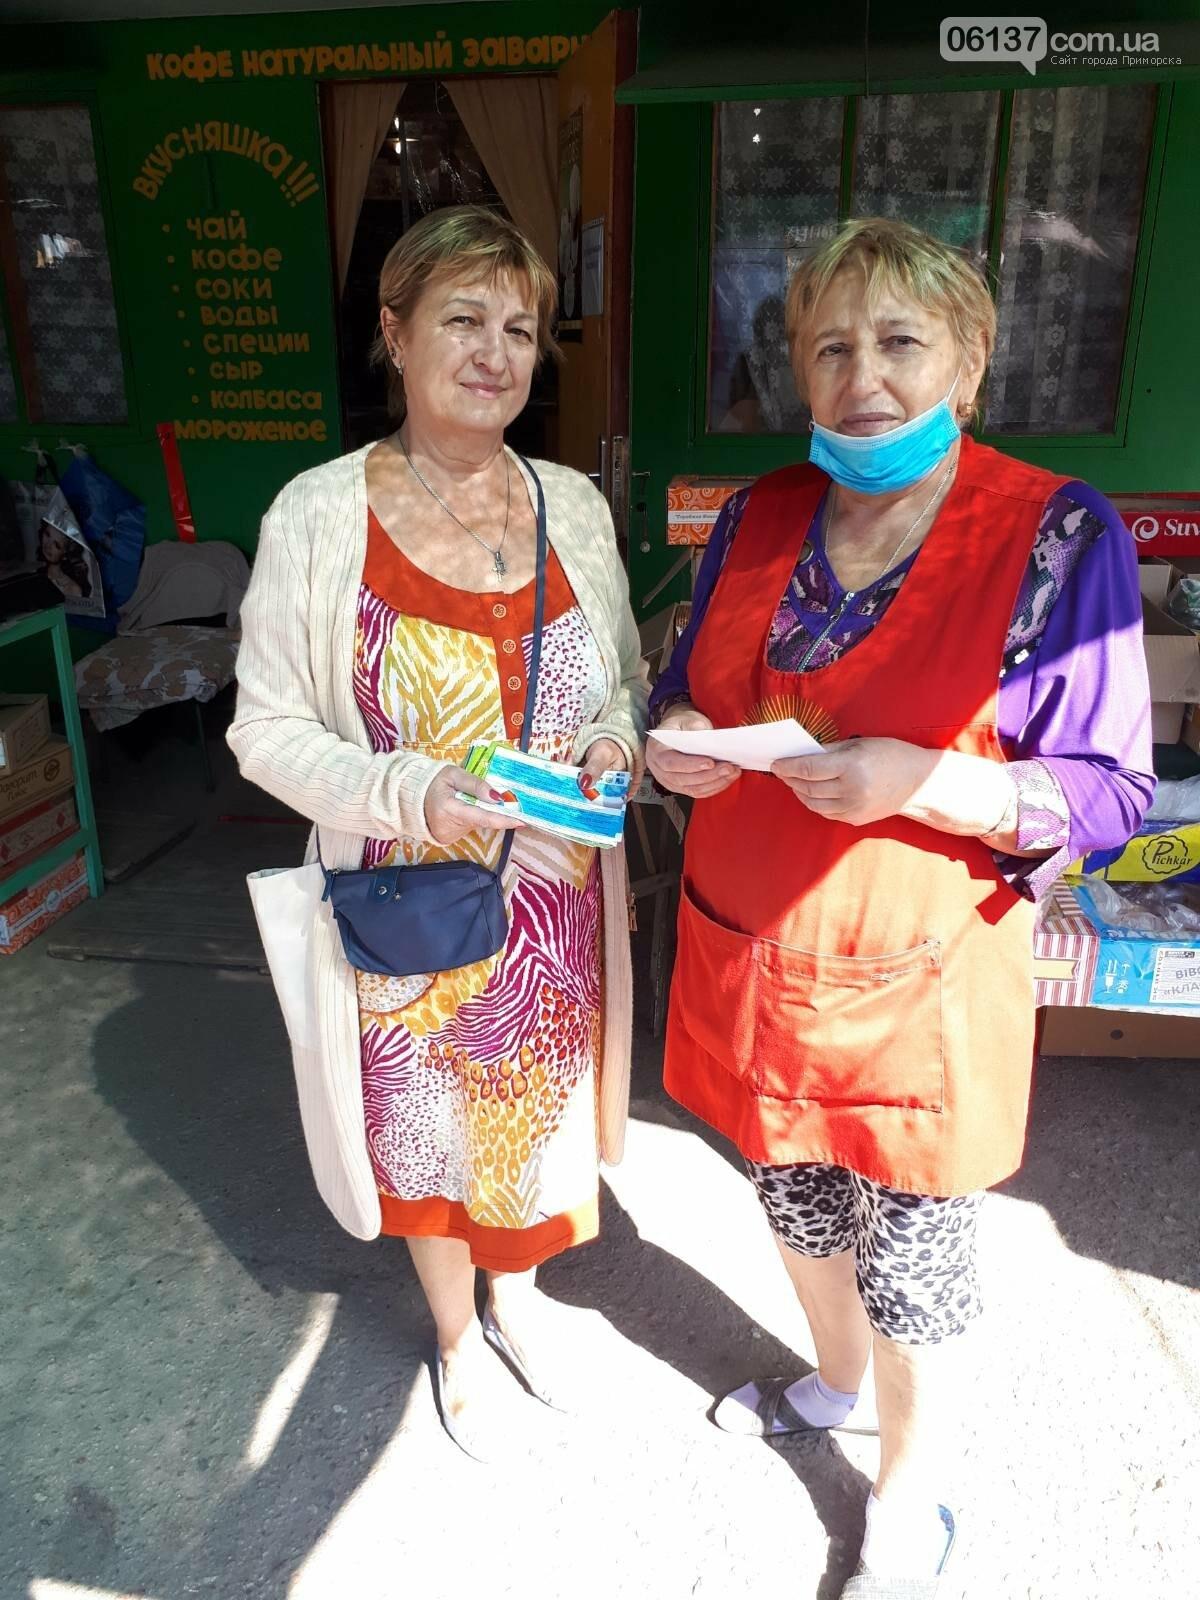 Волонтери Приморської громади роздавали пам'ятки про правила безпеки мешканцям міста, фото-3